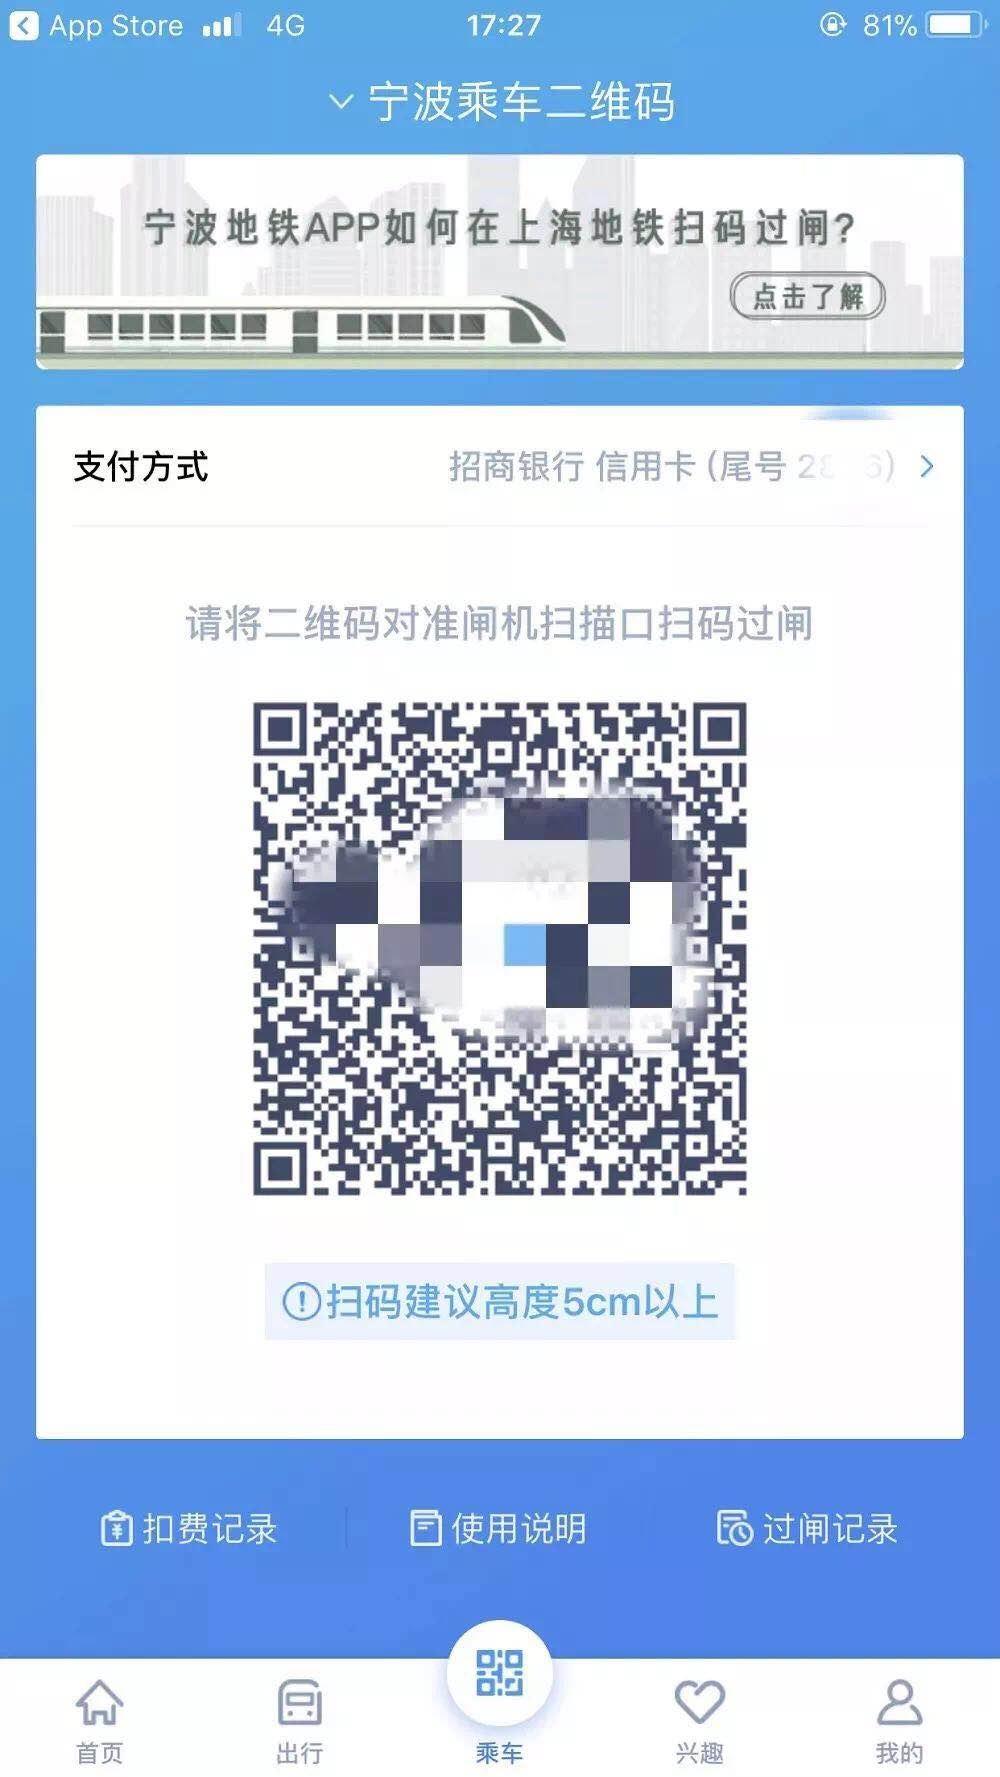 微信图片_20190505083551.jpg